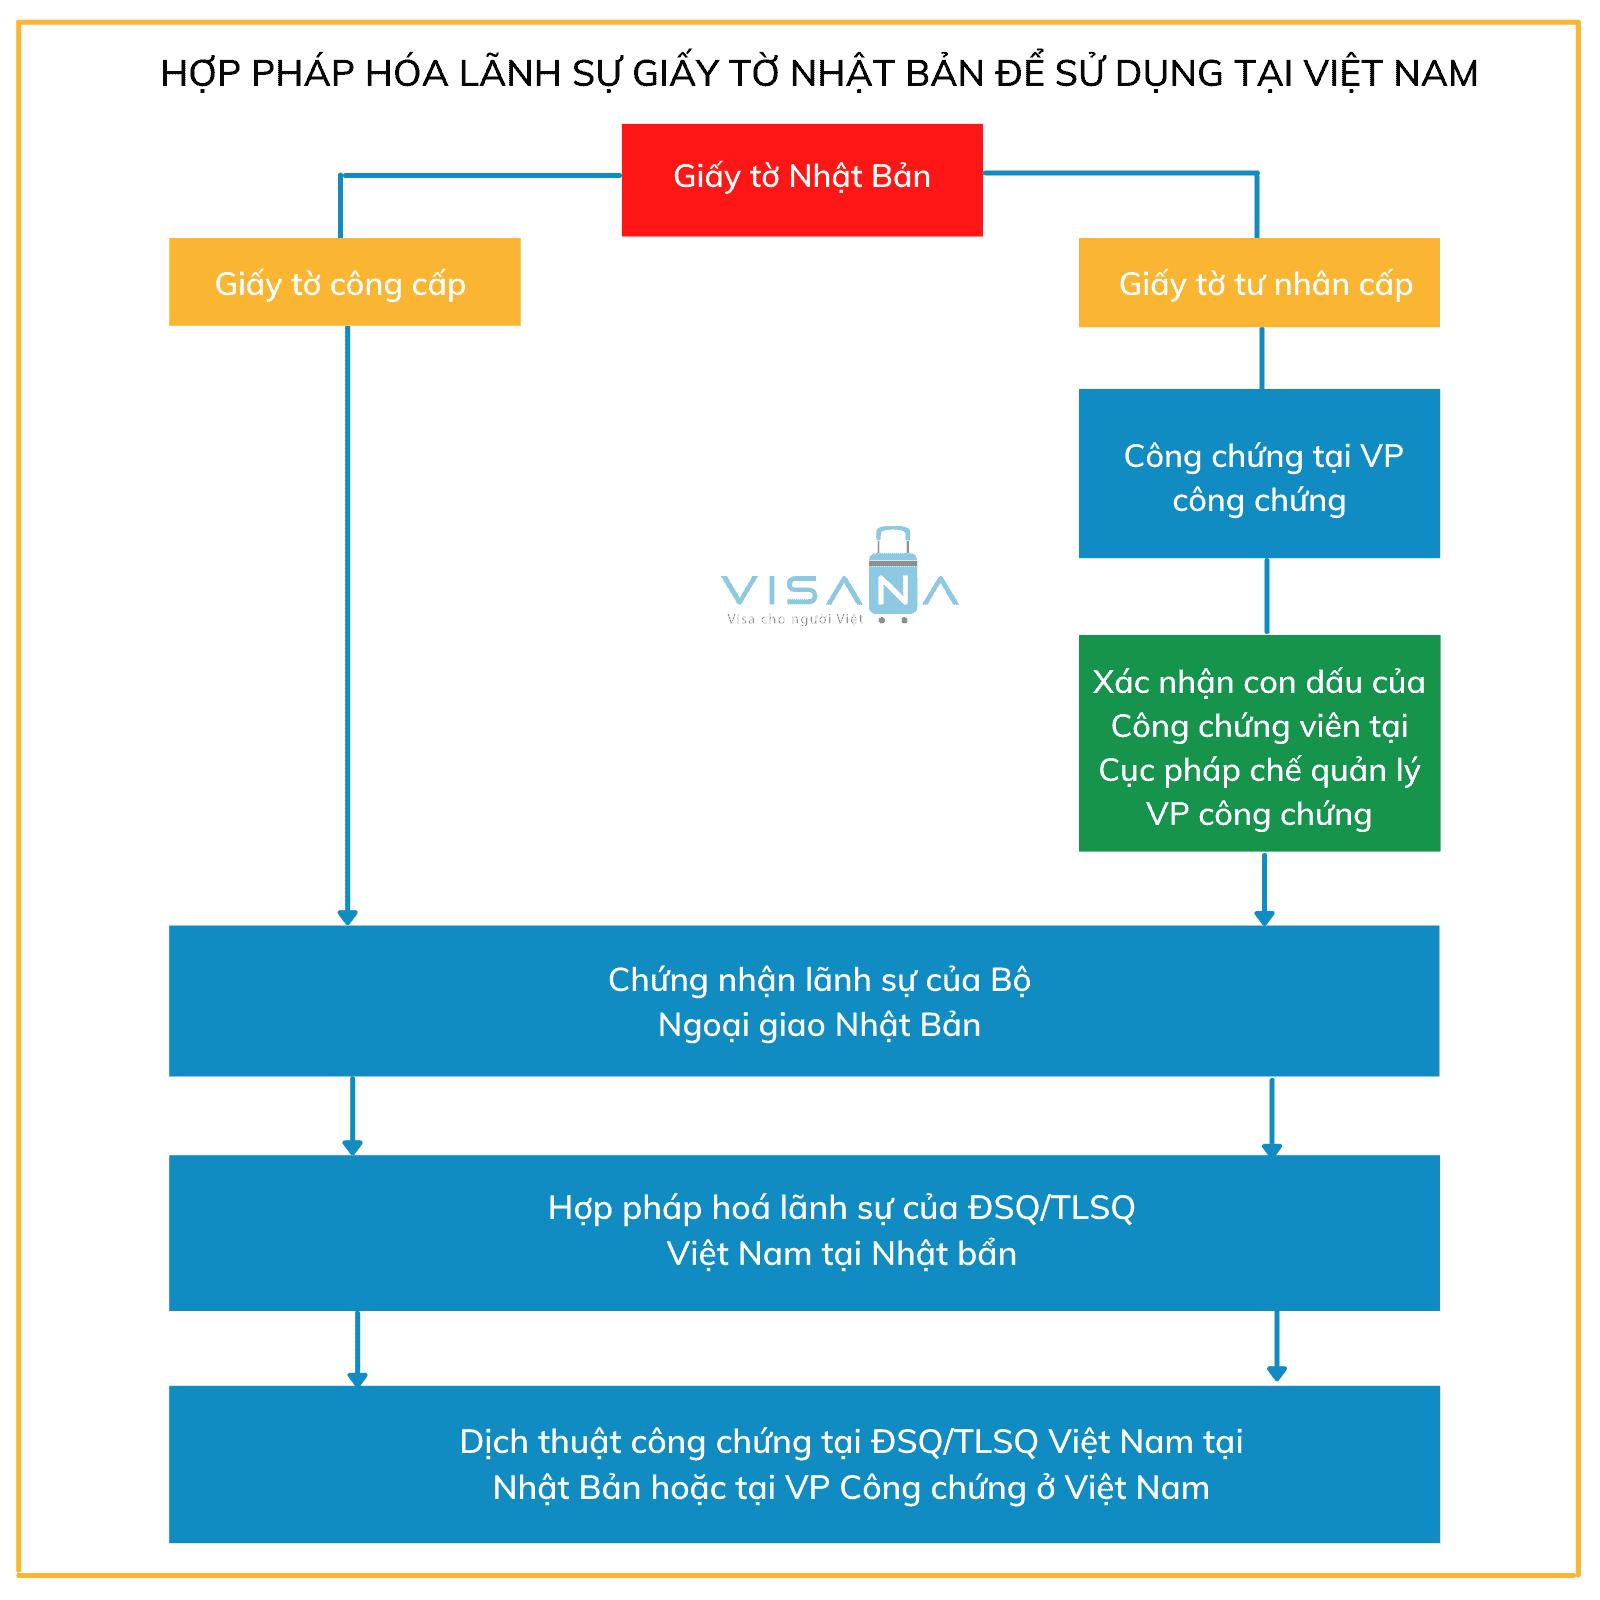 Trình tự hợp pháp hoá lãnh sự giấy tờ Nhật Bản để sử dụng tại Việt Nam